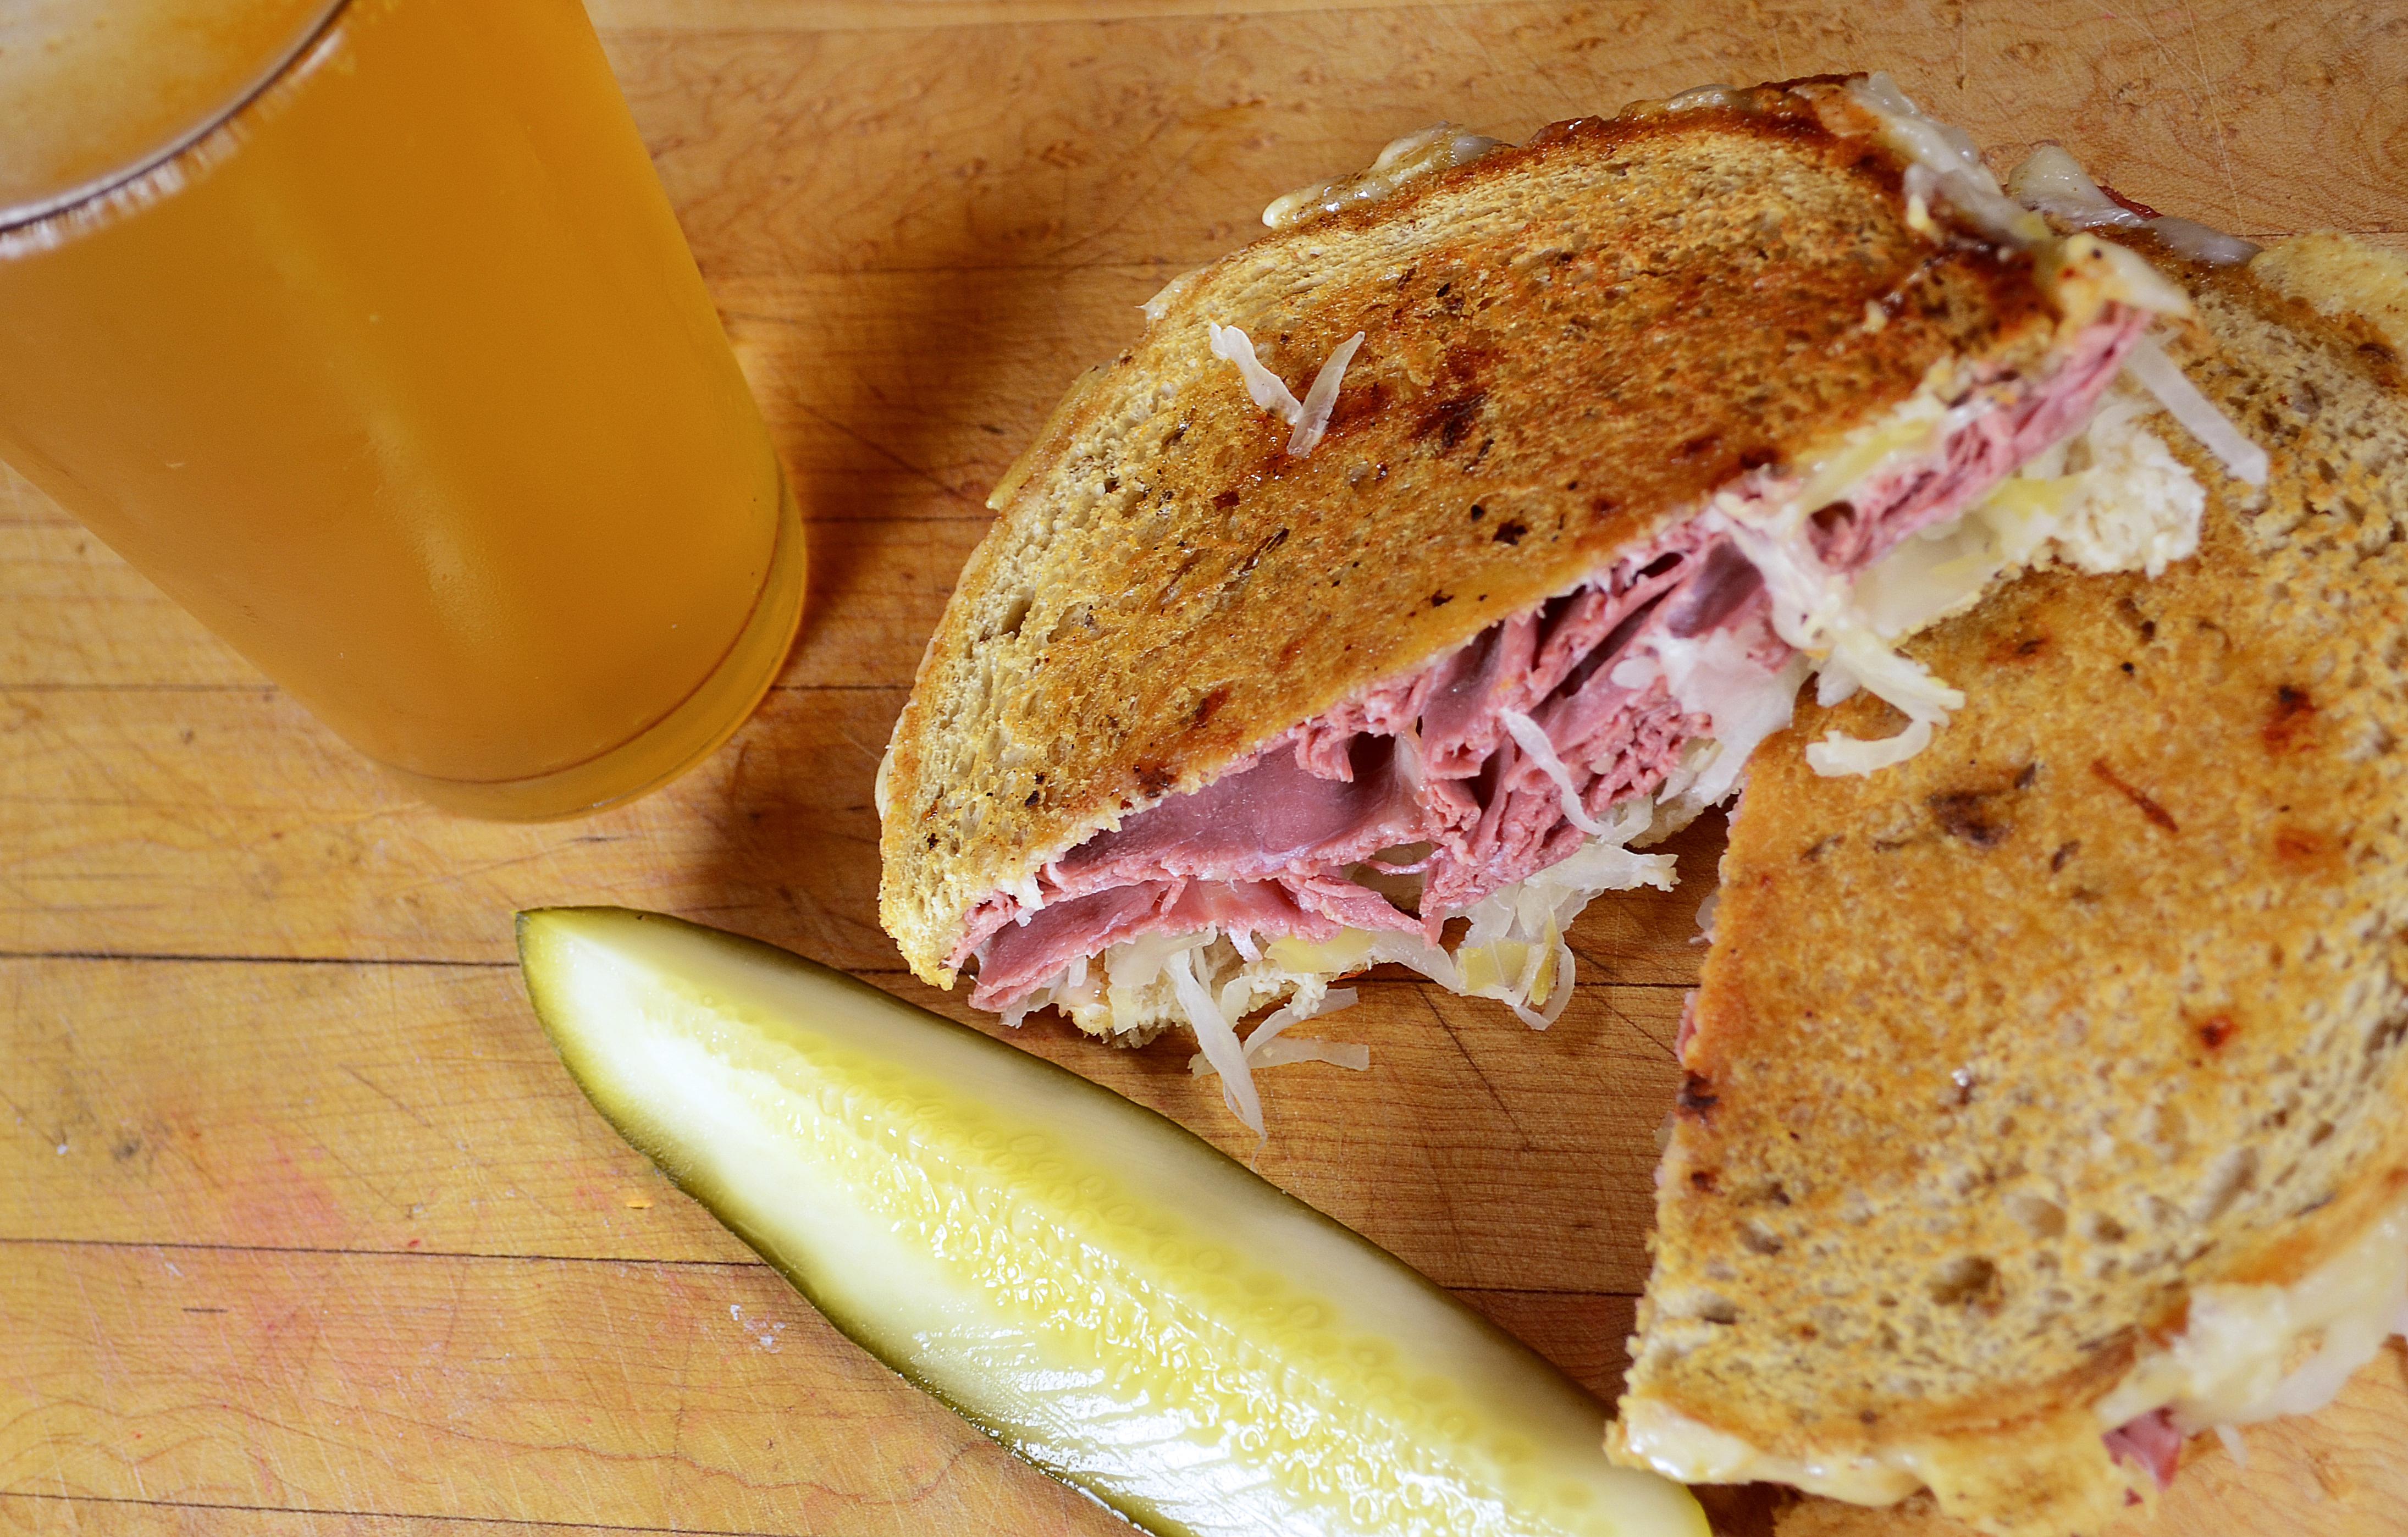 Joyce (reuben sandwich)